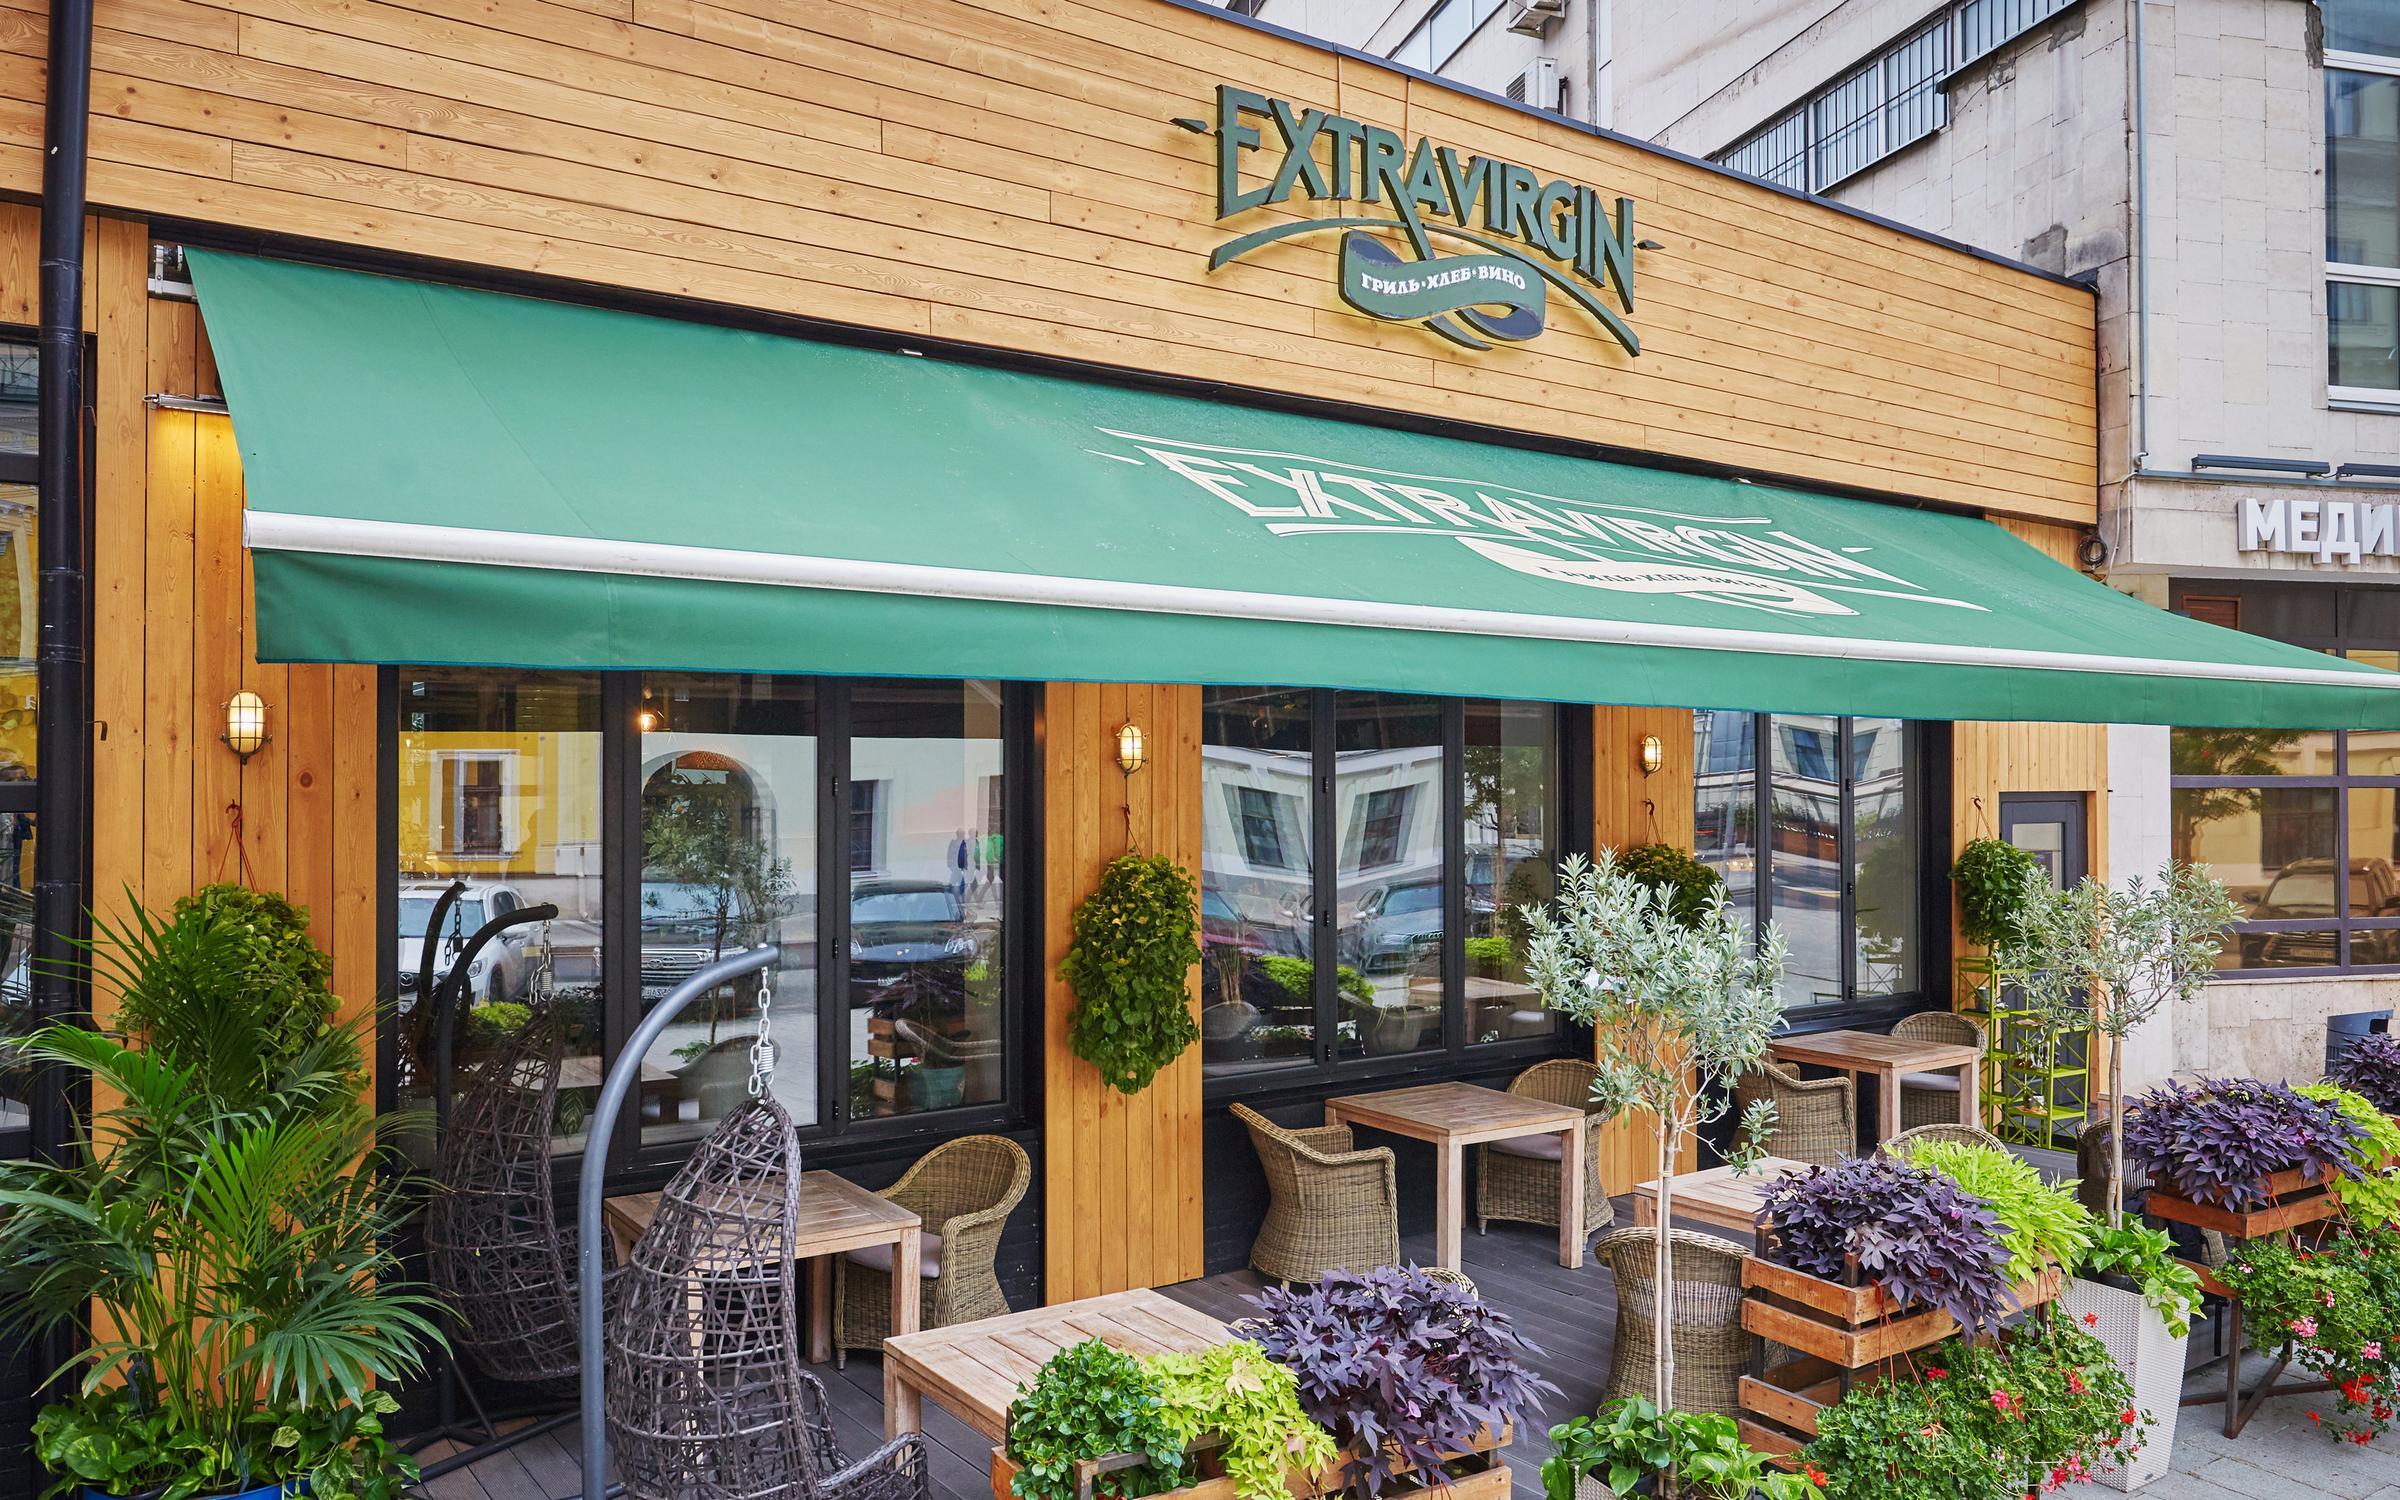 фотография Ресторана средиземноморской кухни Extra Virgin на улице Малая Дмитровка